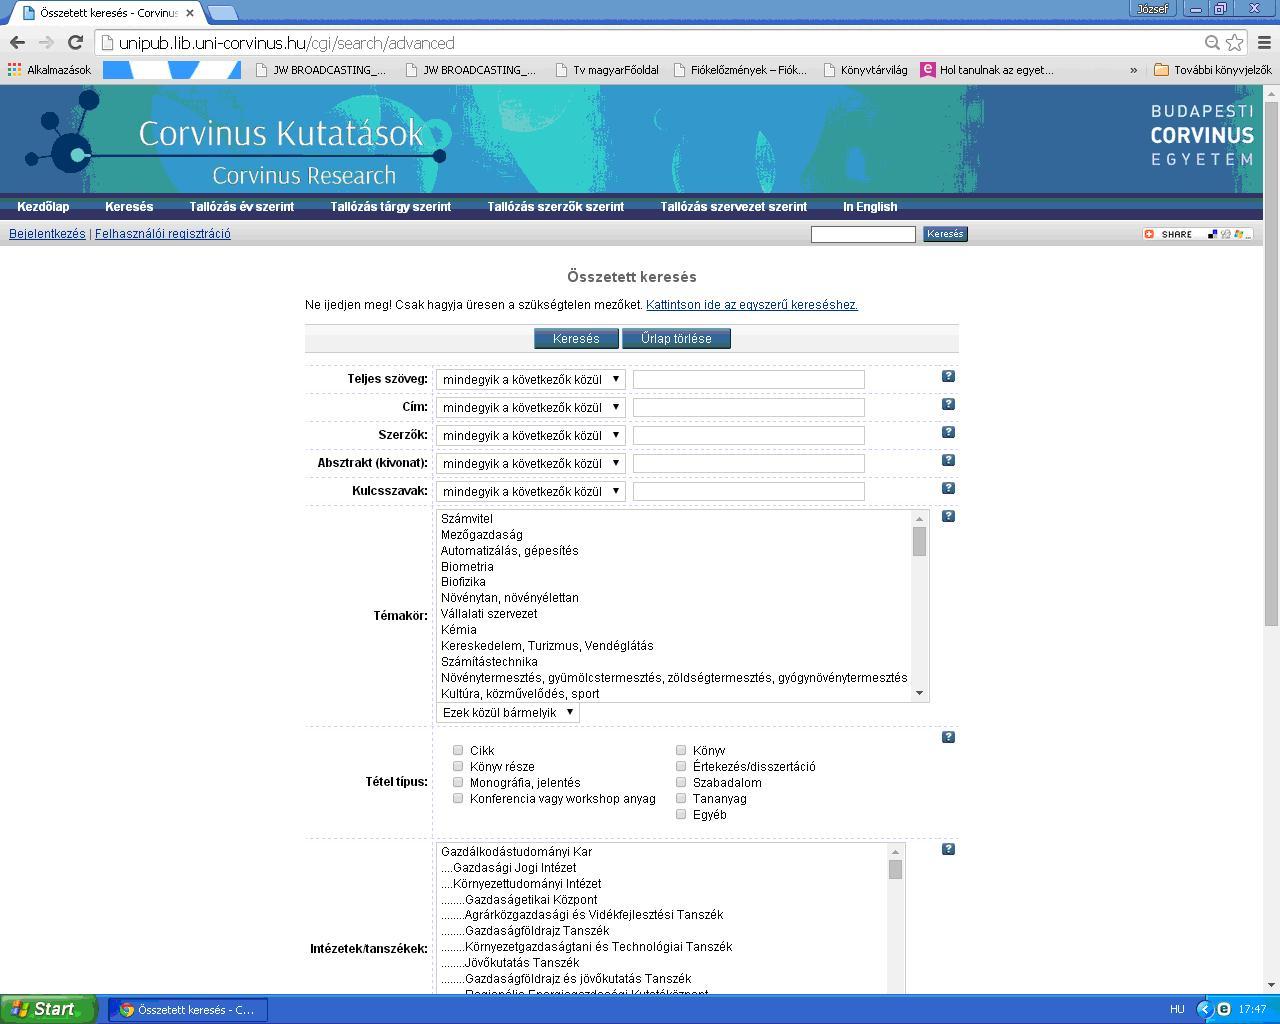 képernyőkép2.JPG